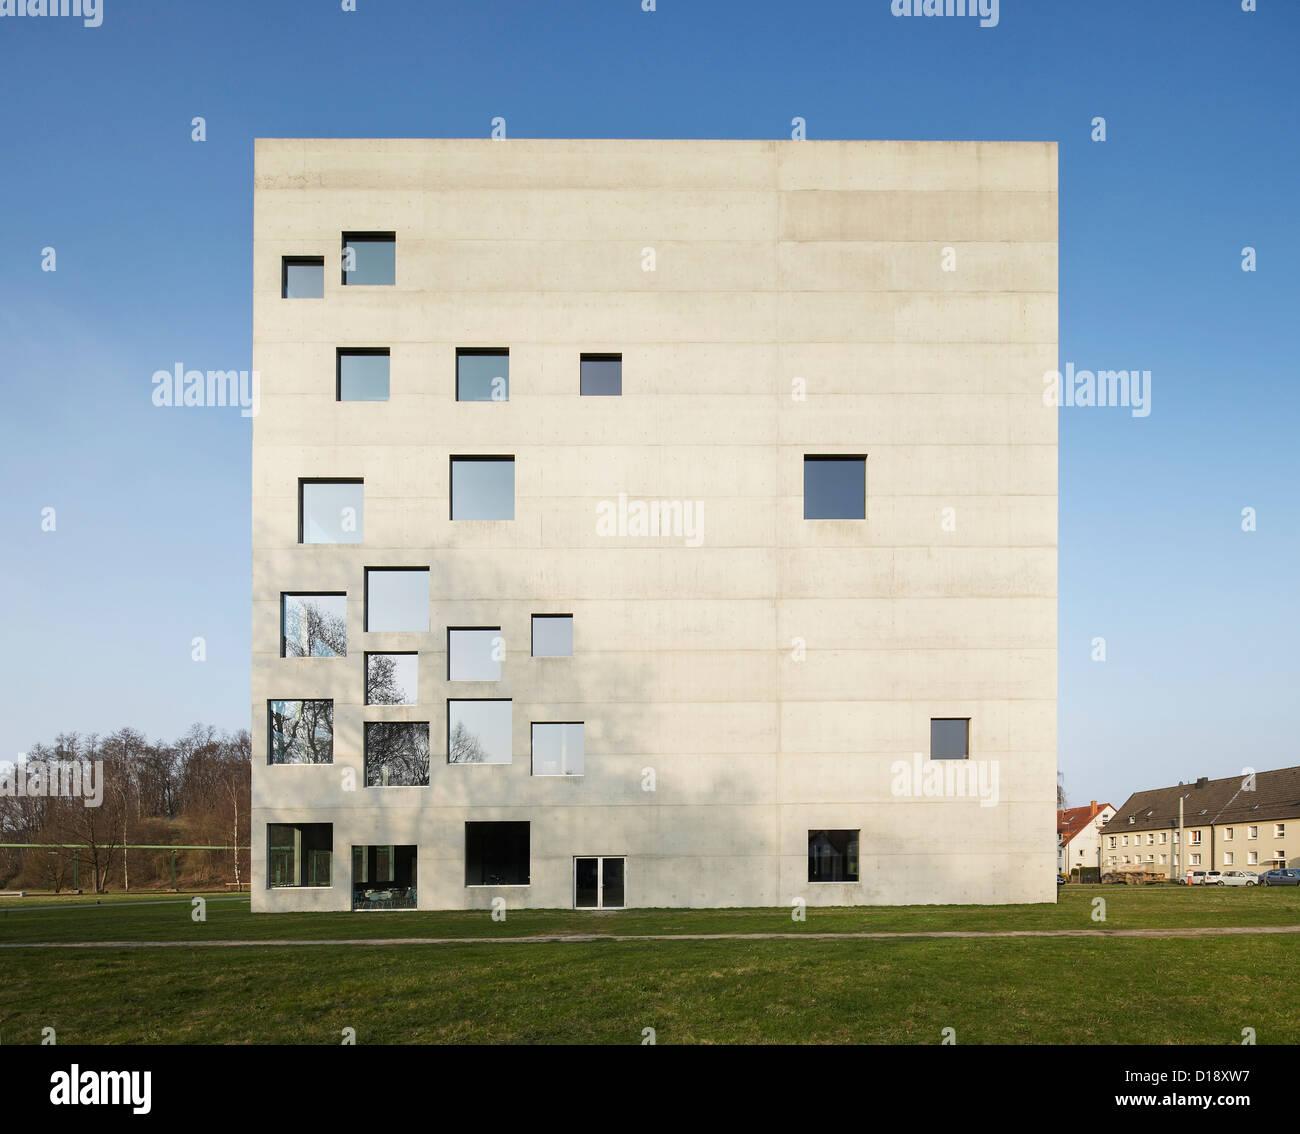 Architekt Essen zollverein essen deutschland architekt sanaa kazuyo